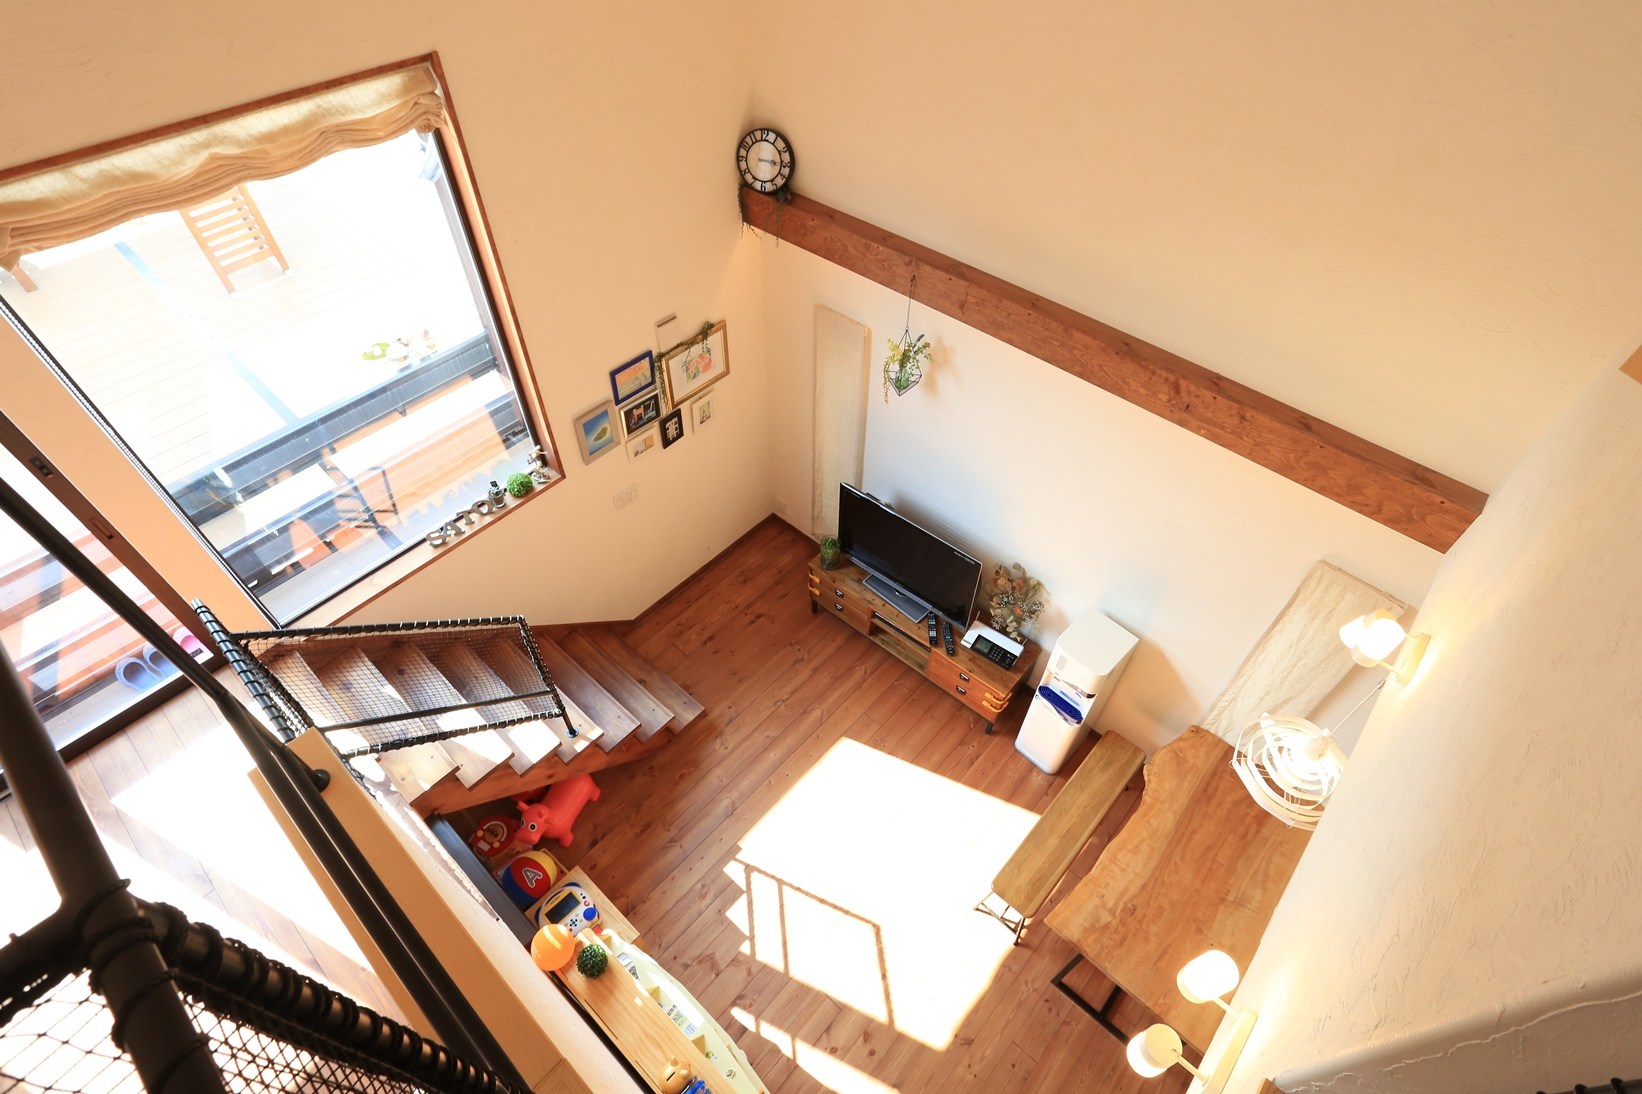 ルーフバルコニー×中2階 で暮らしを楽しむ家